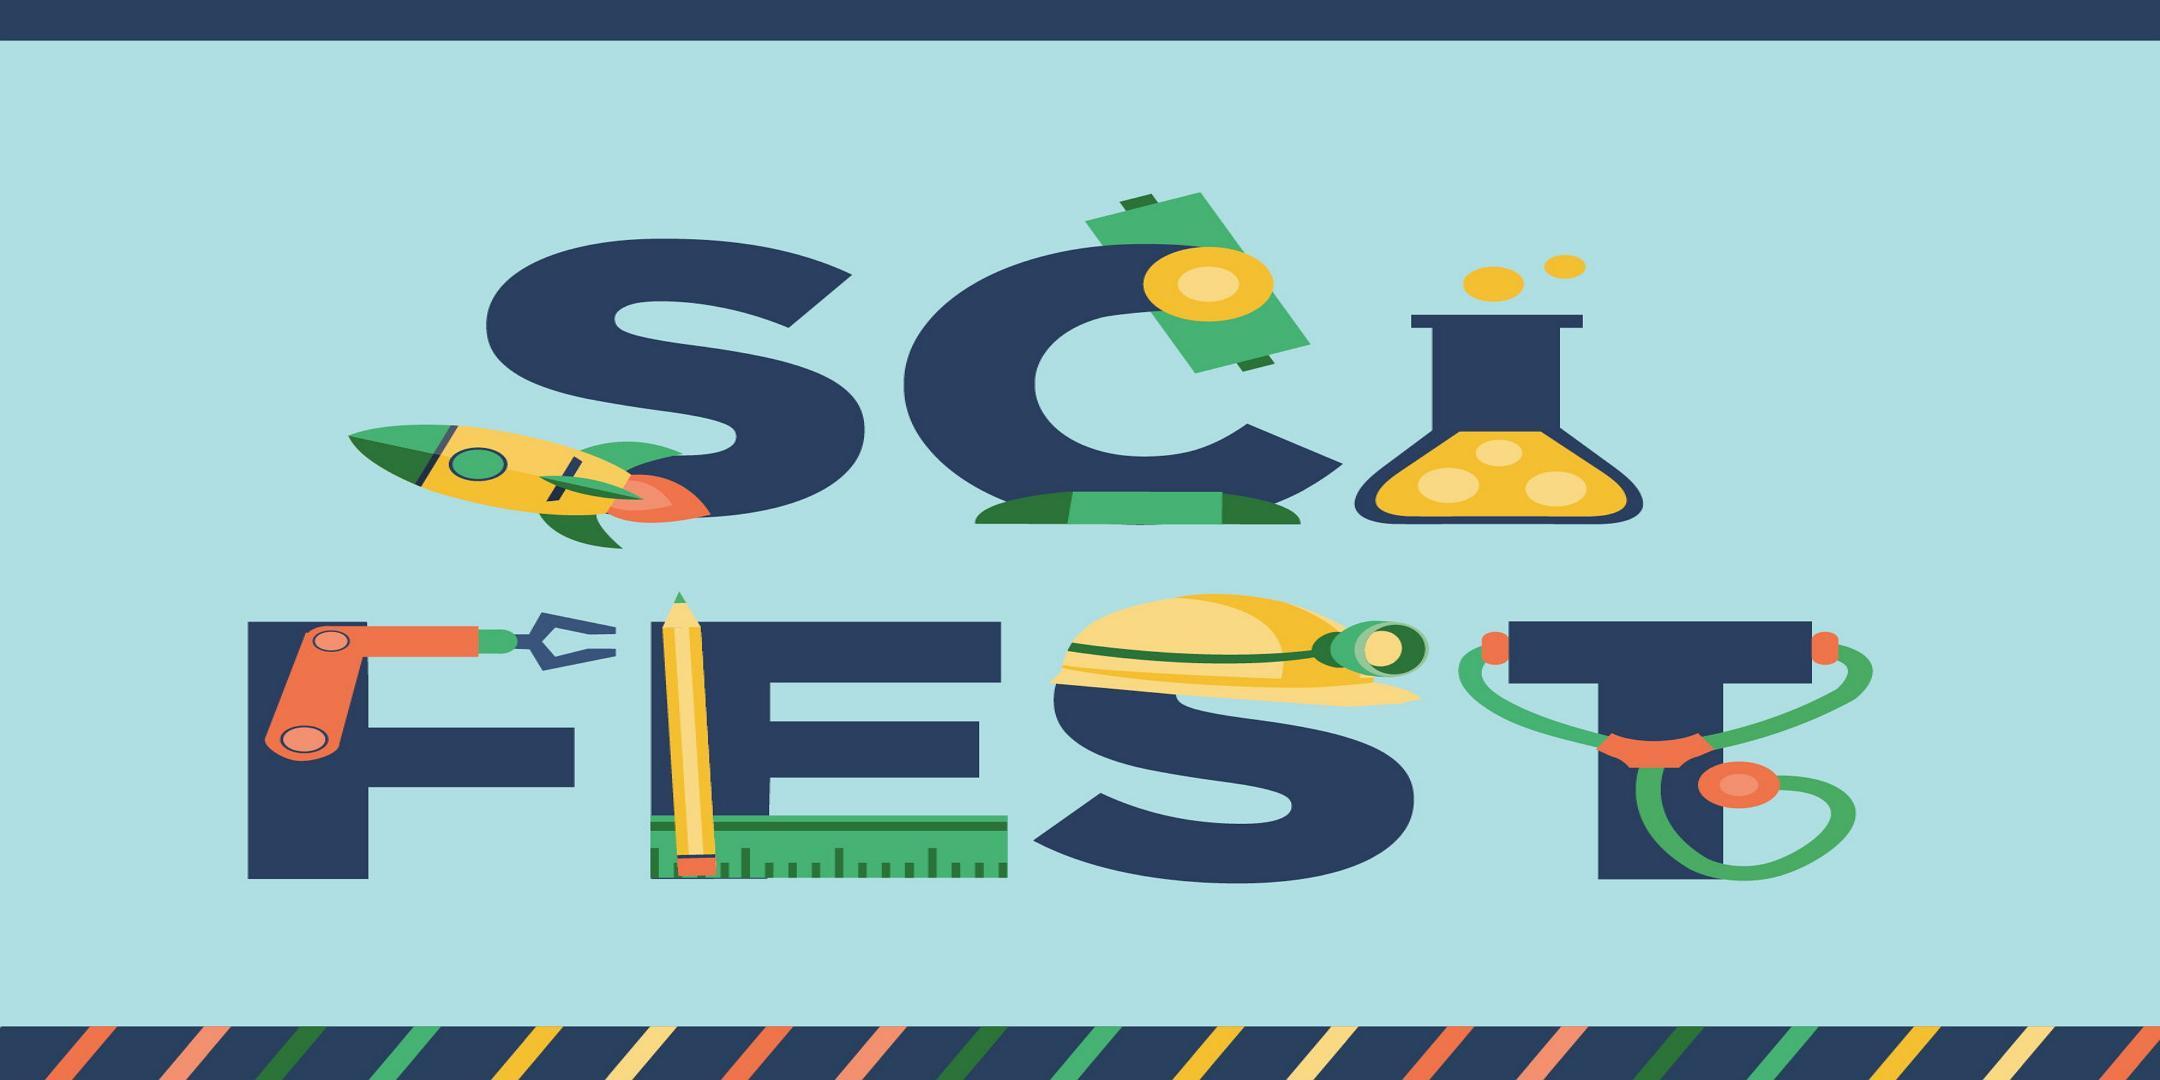 City Raptors at SciFest: Community Science Showcase